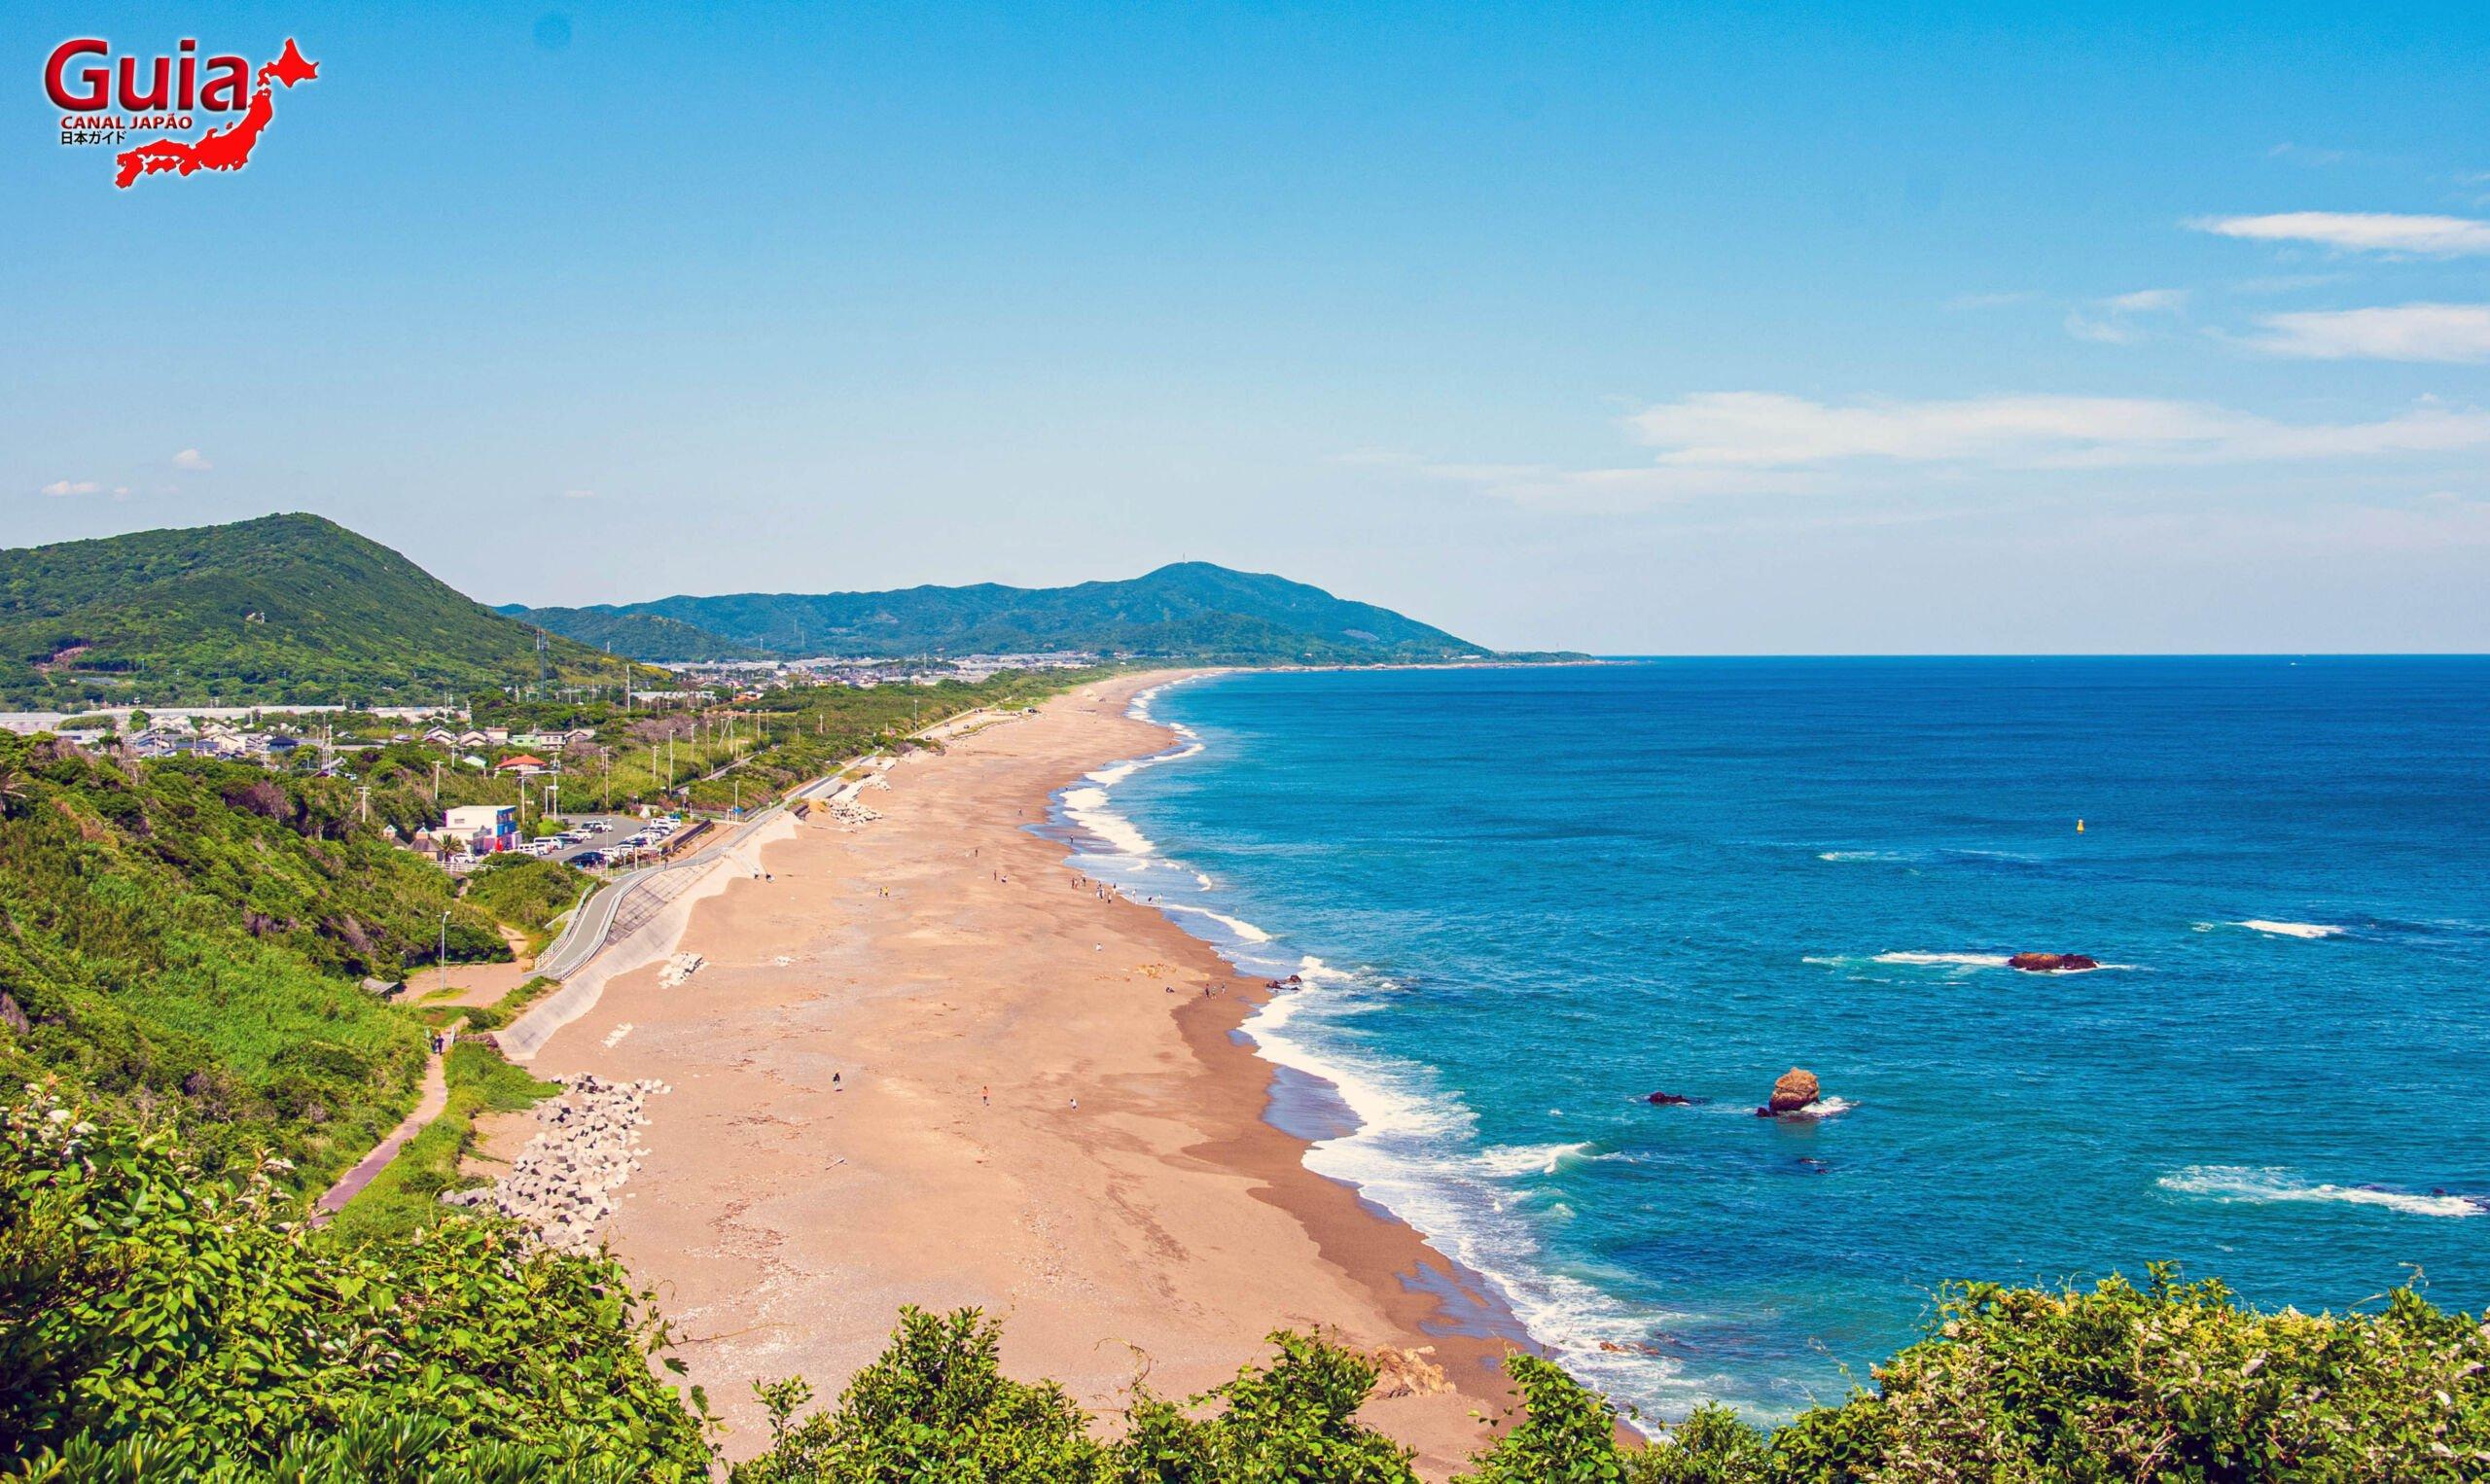 Praia Koijigahama, Farol do cabo Irago, Santuário do Amor e a Pedra de Hiji 2